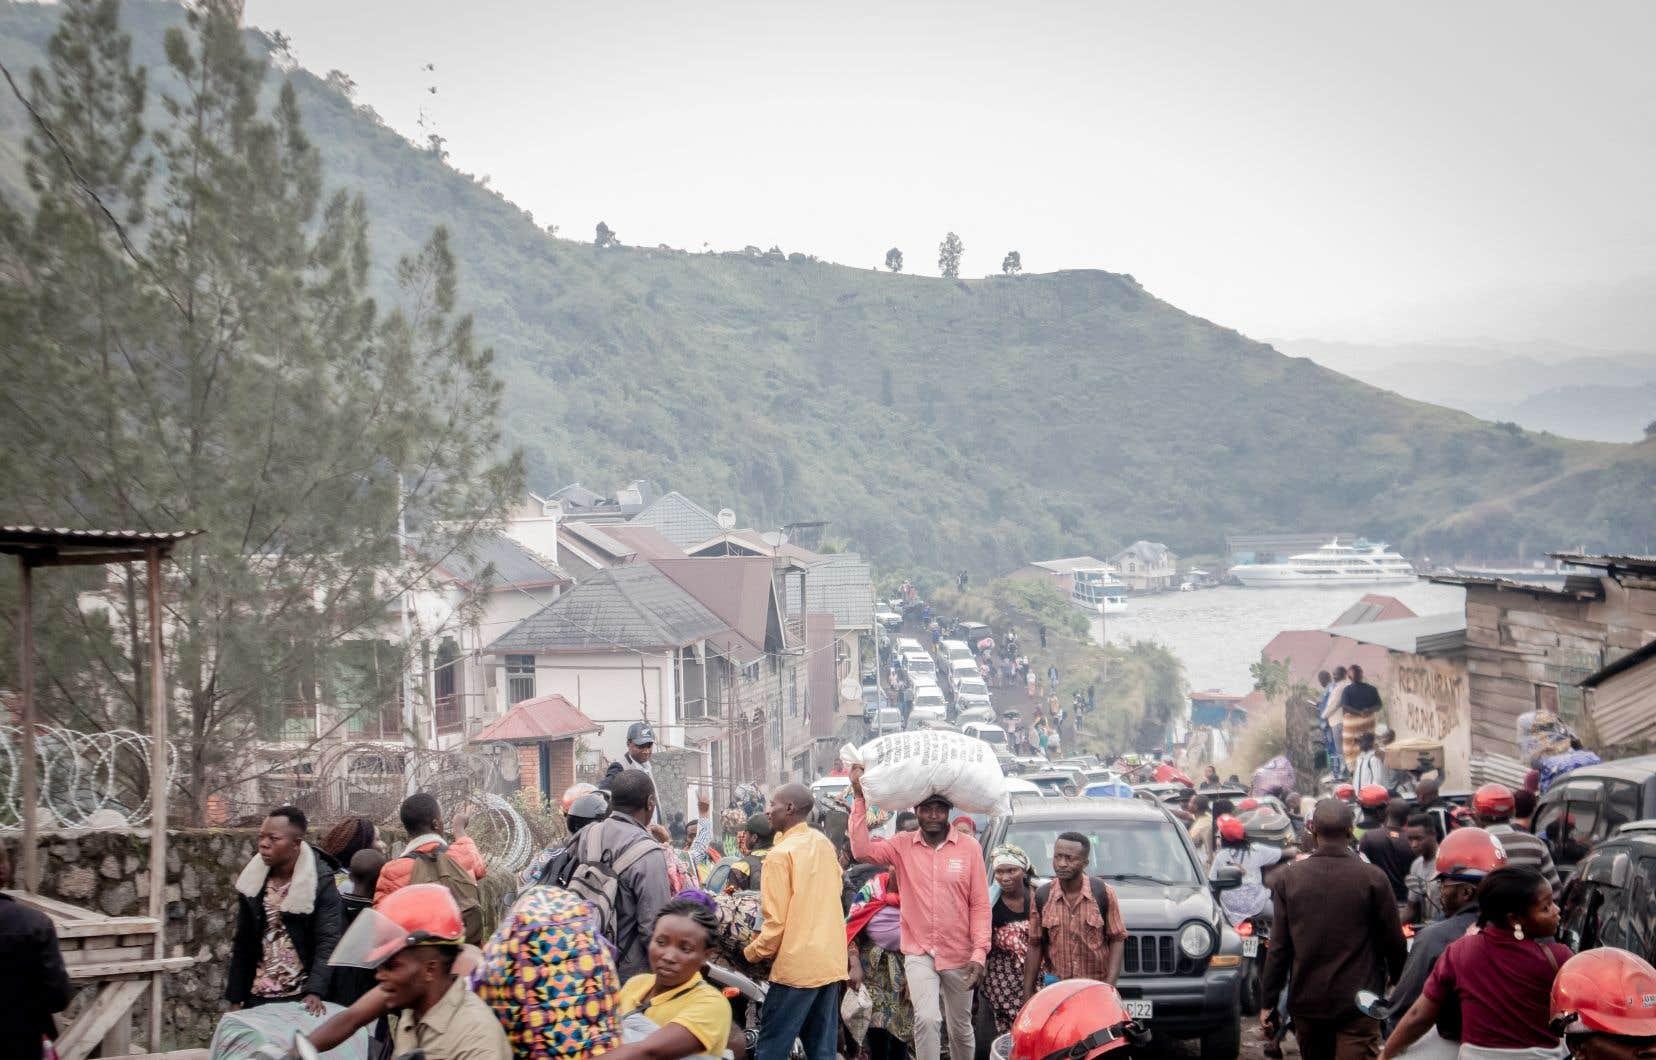 «C'est la peur, c'est la panique, tout le monde fuit», a déclaré un habitant peu après l'annonce de l'évacuation de dix quartiers de Goma, qui a provoqué la fuite immédiate de dizaines de milliers de personnes vers la localité de Sake, à l'ouest, et la frontière rwandaise toute proche.